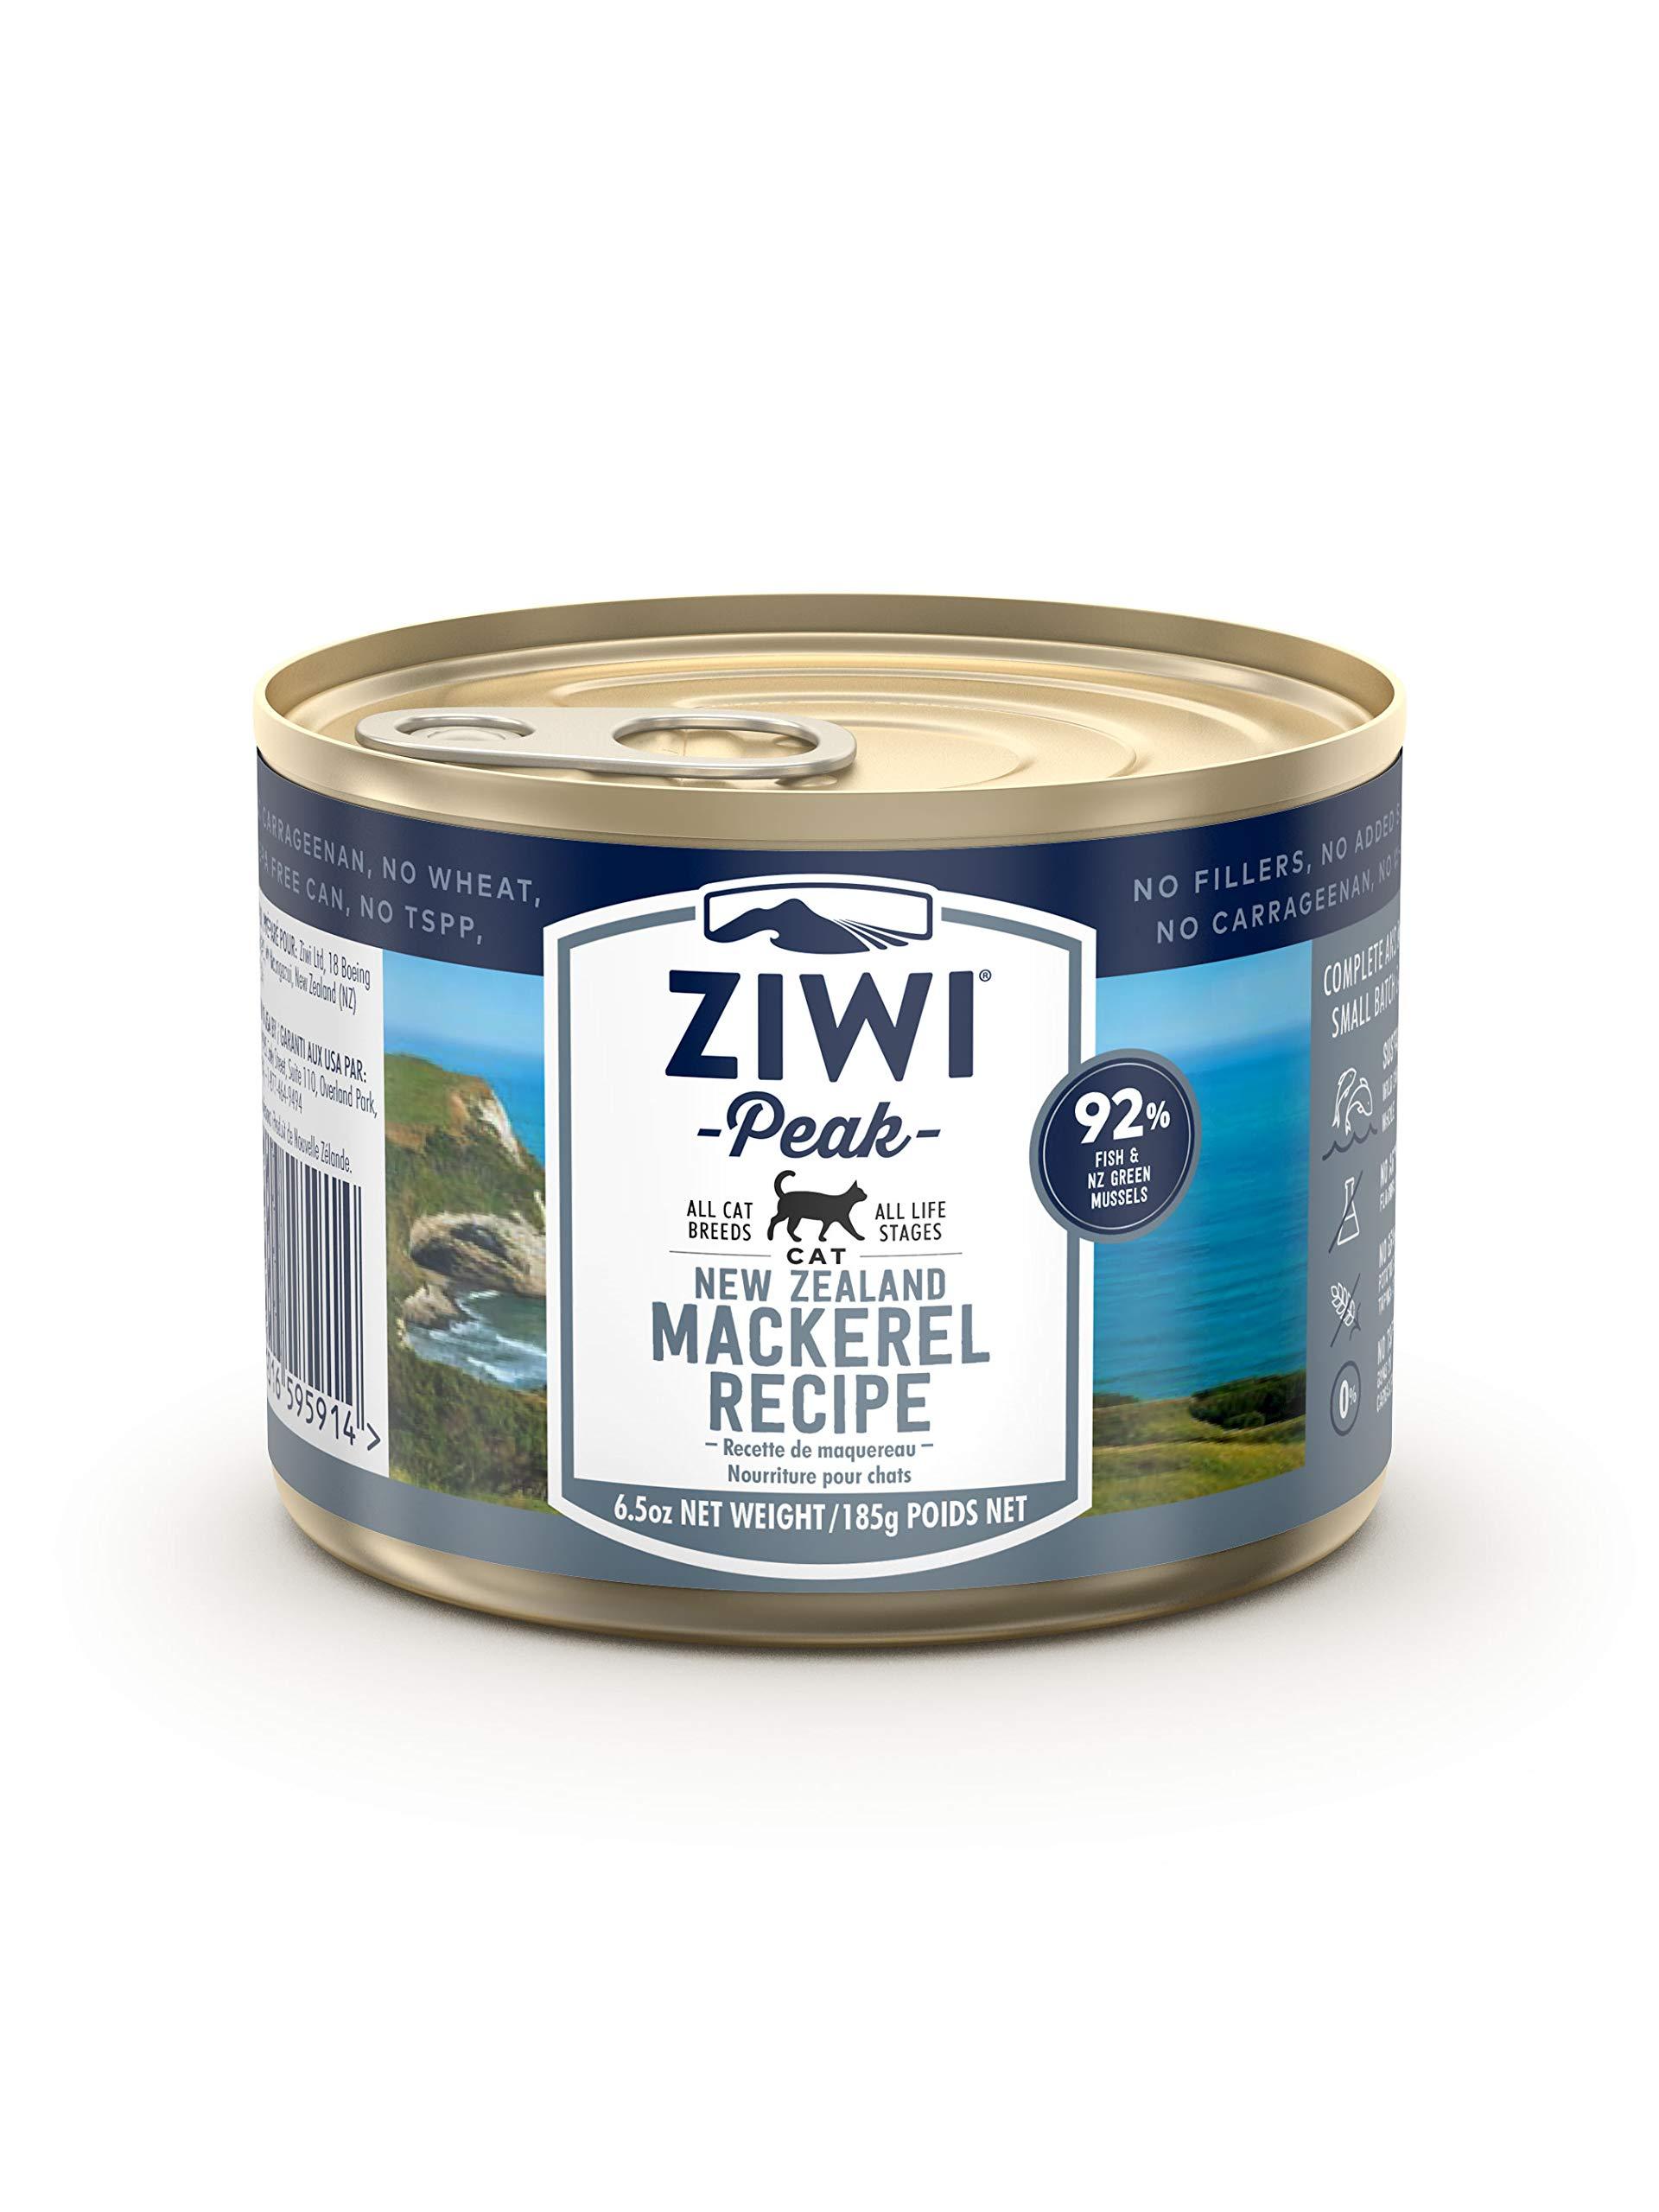 Ziwi Peak Mackerel Recipe Cat Food (Case of 12, 6.5 oz Each) by Ziwi Peak